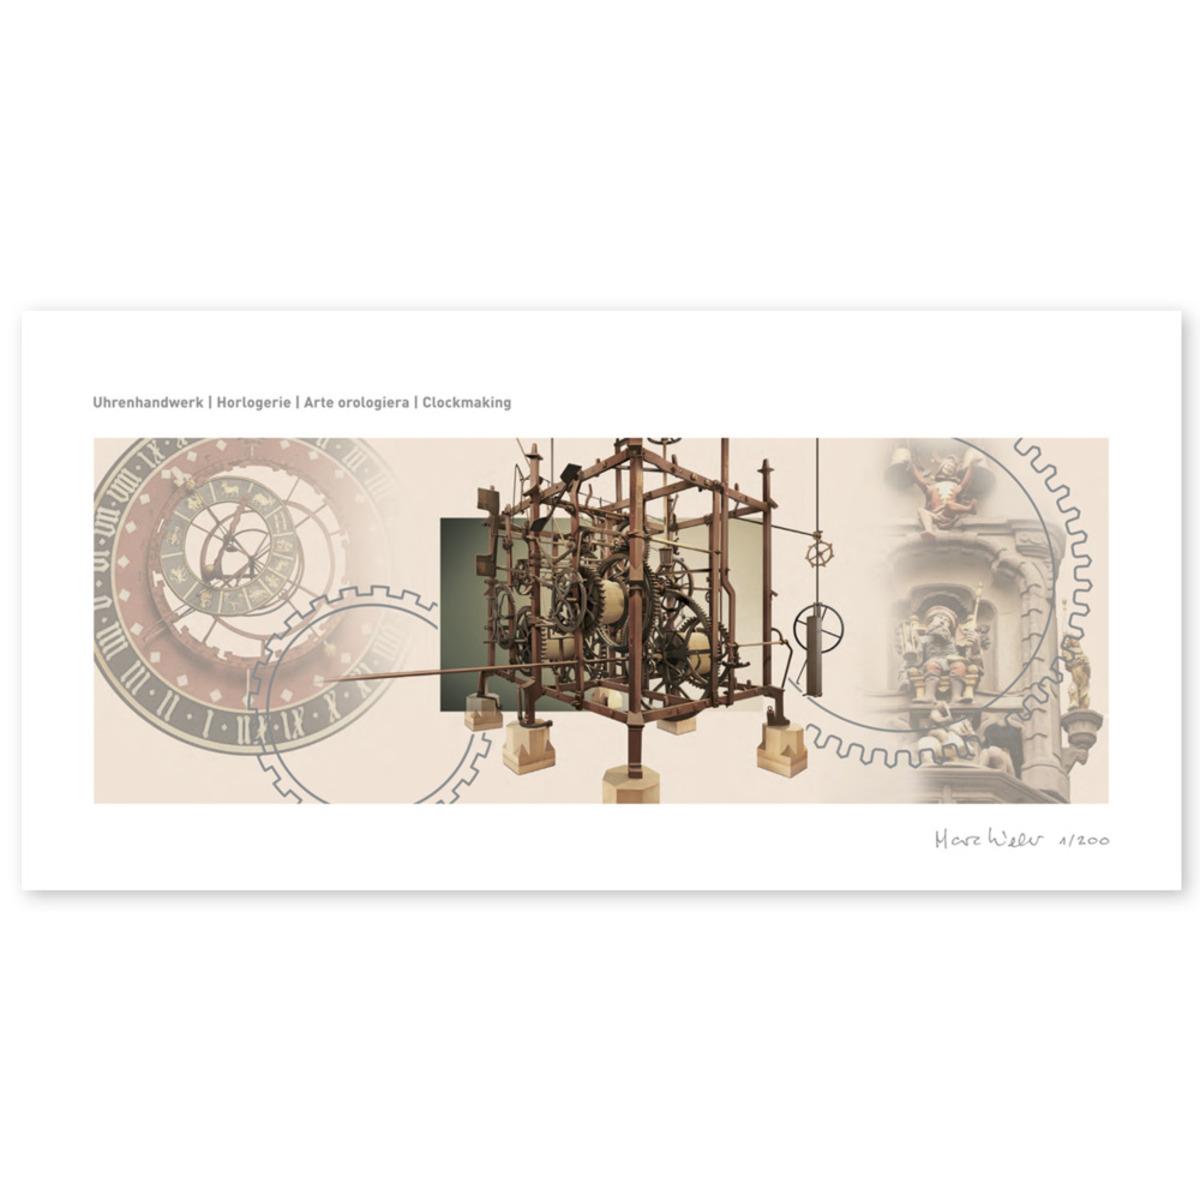 瑞士11月12日发行钟表制作邮票